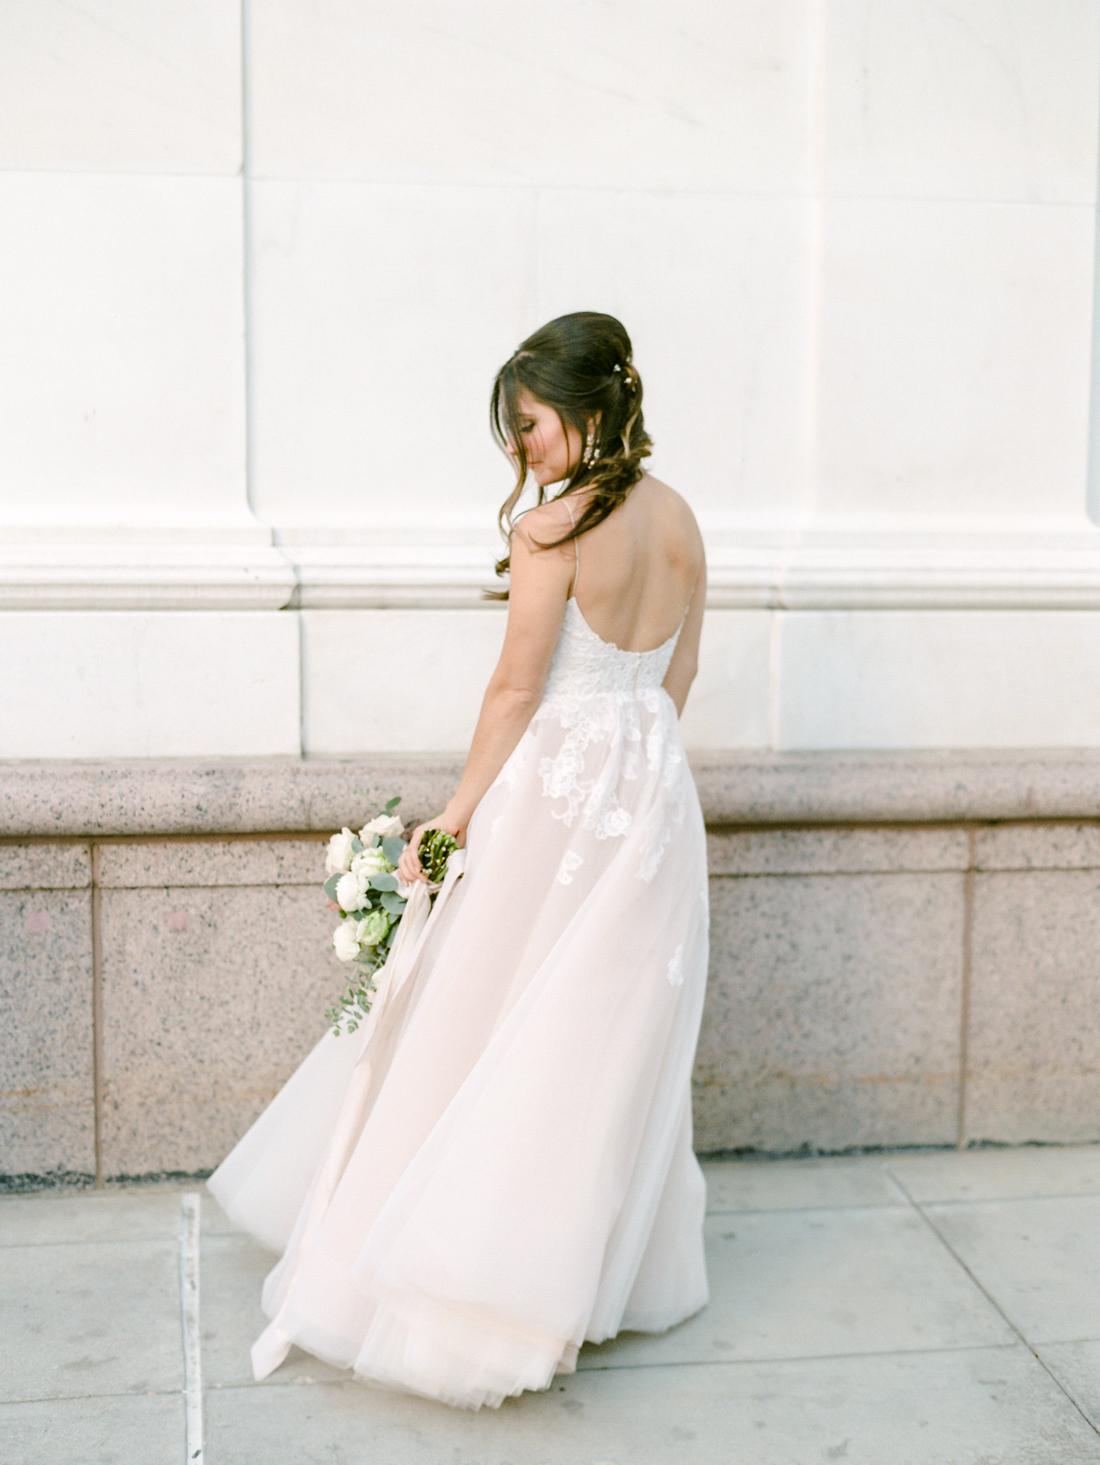 Kristin_Brett_TheKitchen_Denver_Wedding_by_Connie_Whitlock_web_149.jpg